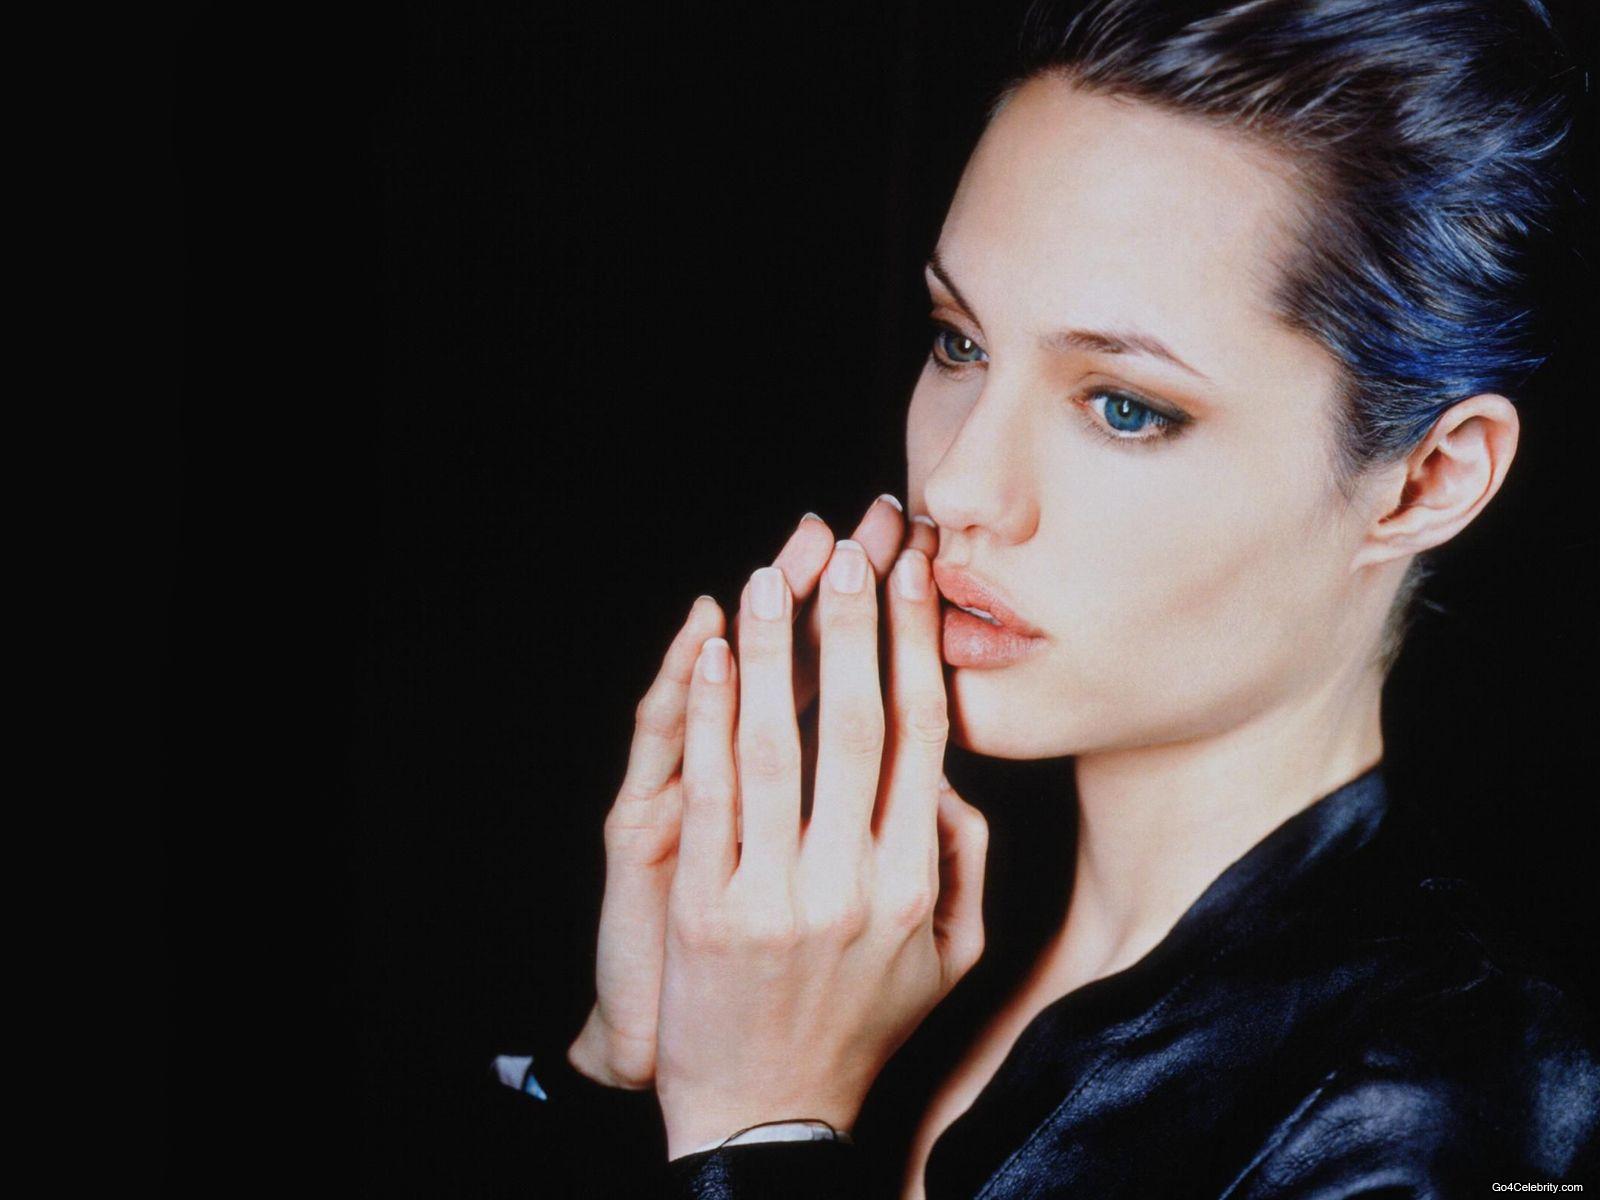 Angelina Jolie Wallpaper 11